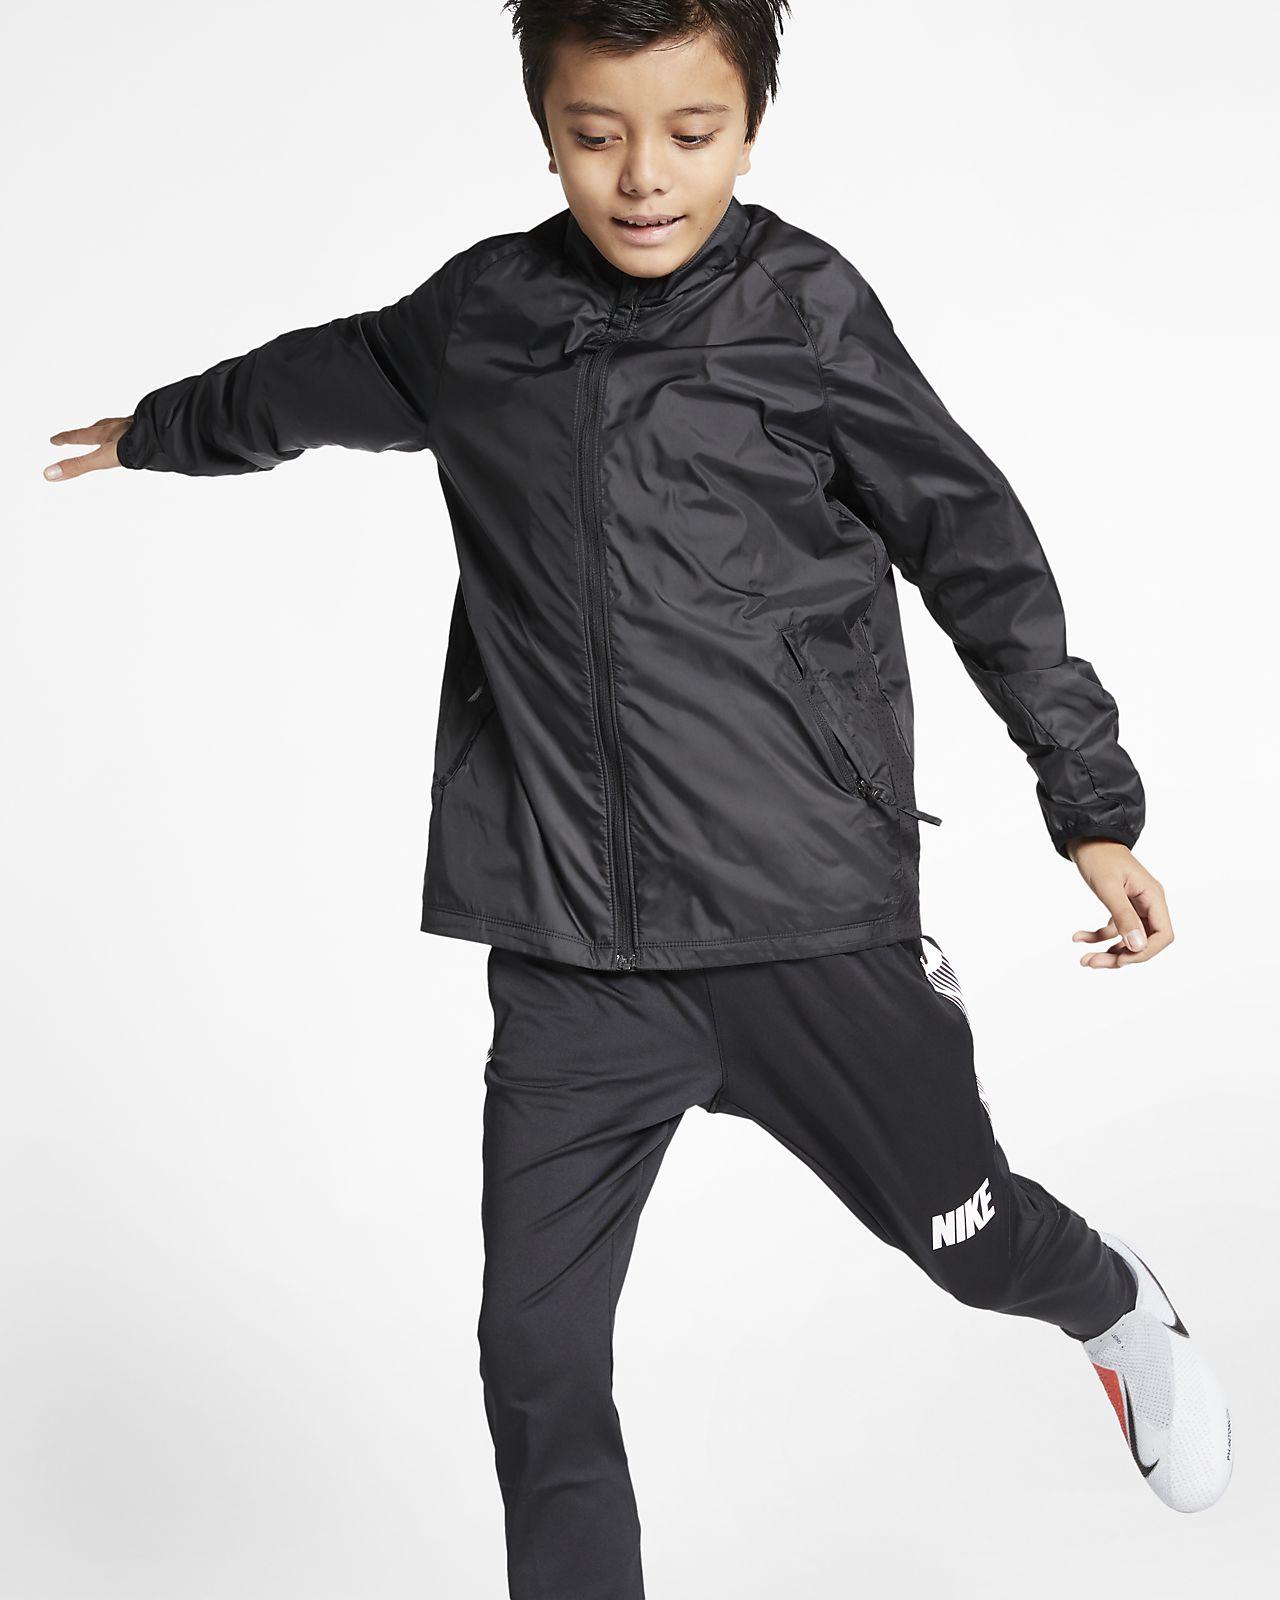 Nike Academy fotballjakke til store barn